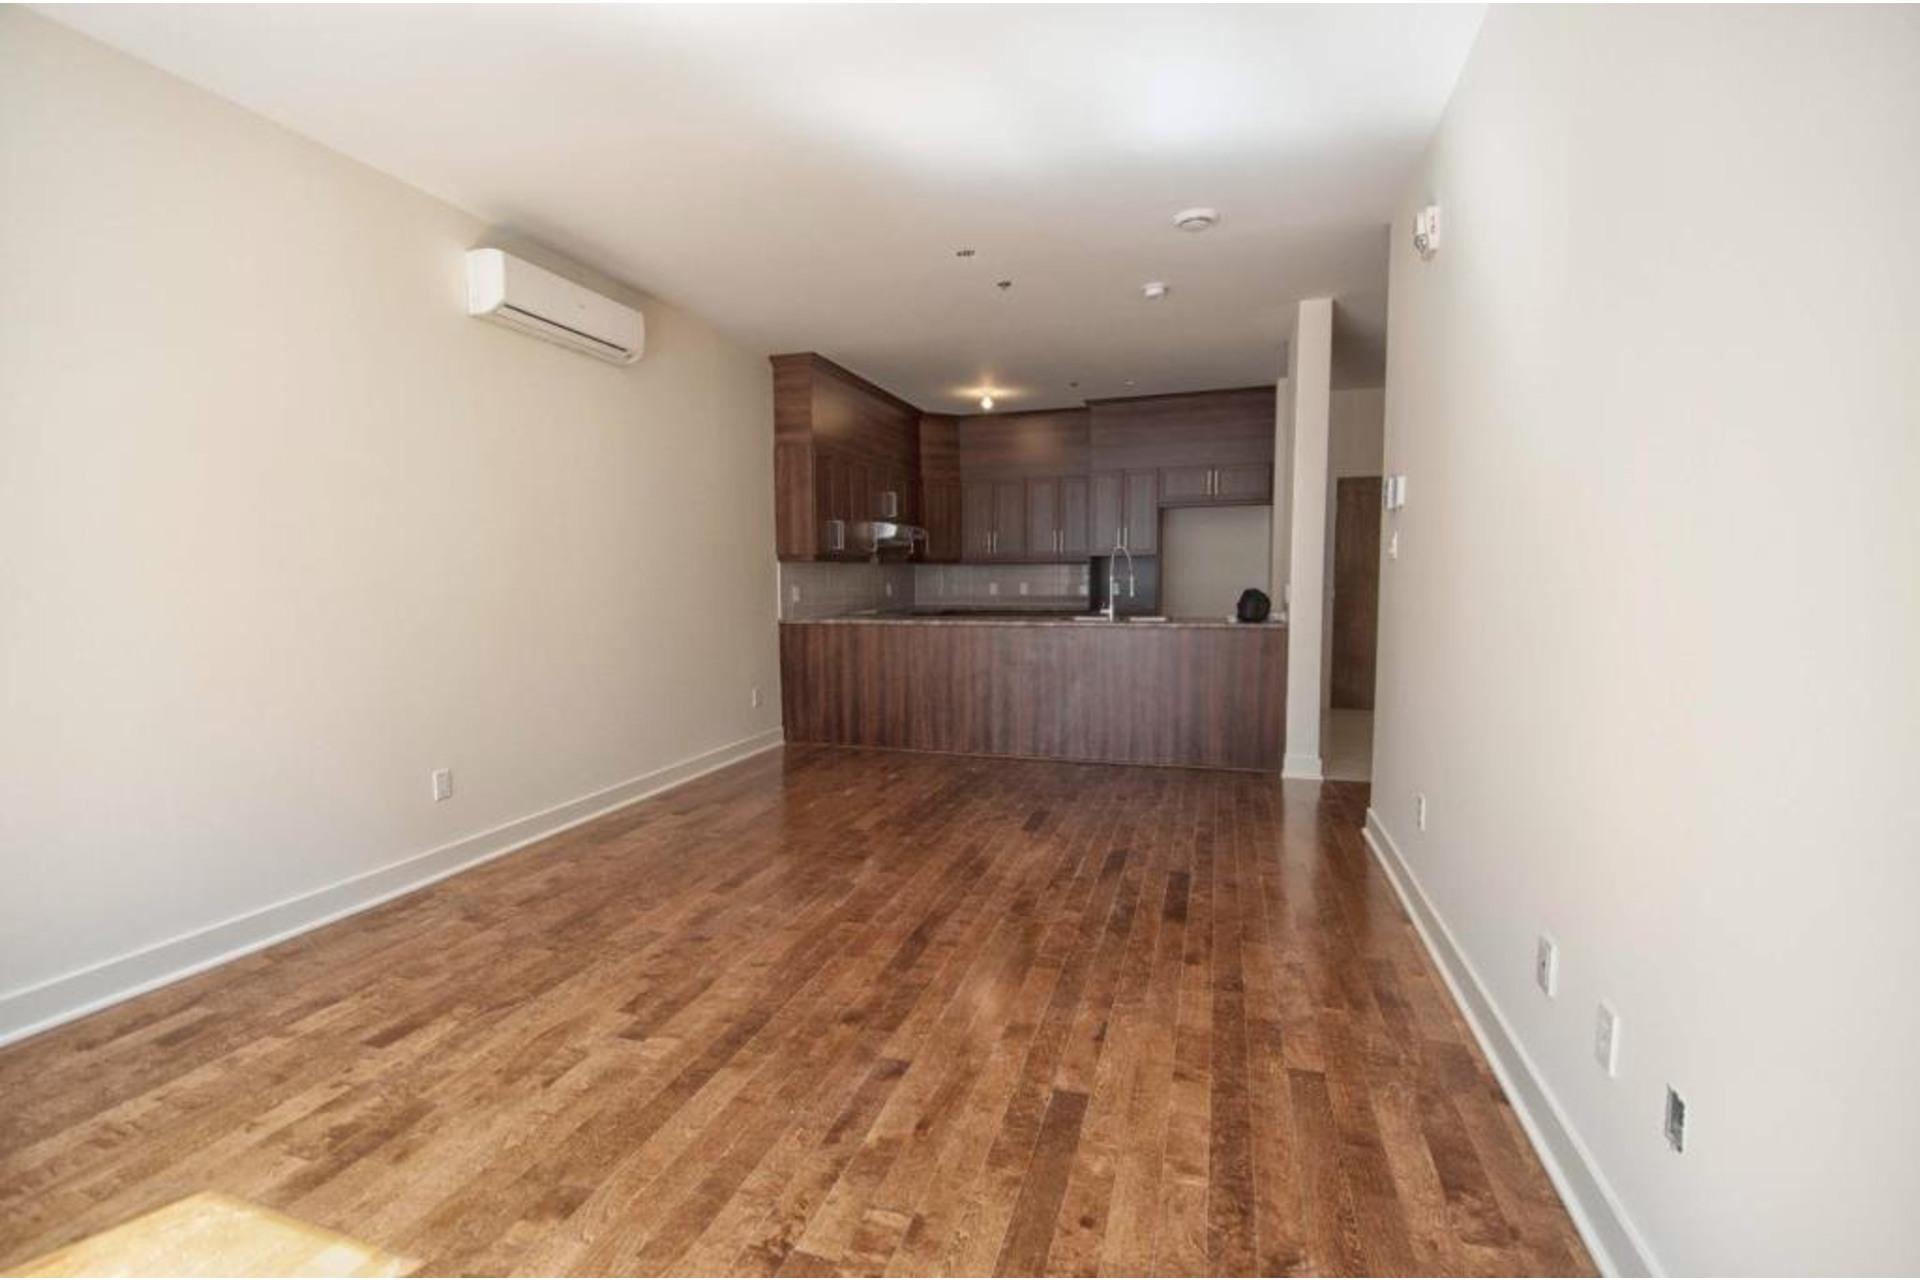 image 3 - Apartment For rent Rivière-des-Prairies/Pointe-aux-Trembles Montréal  - 6 rooms